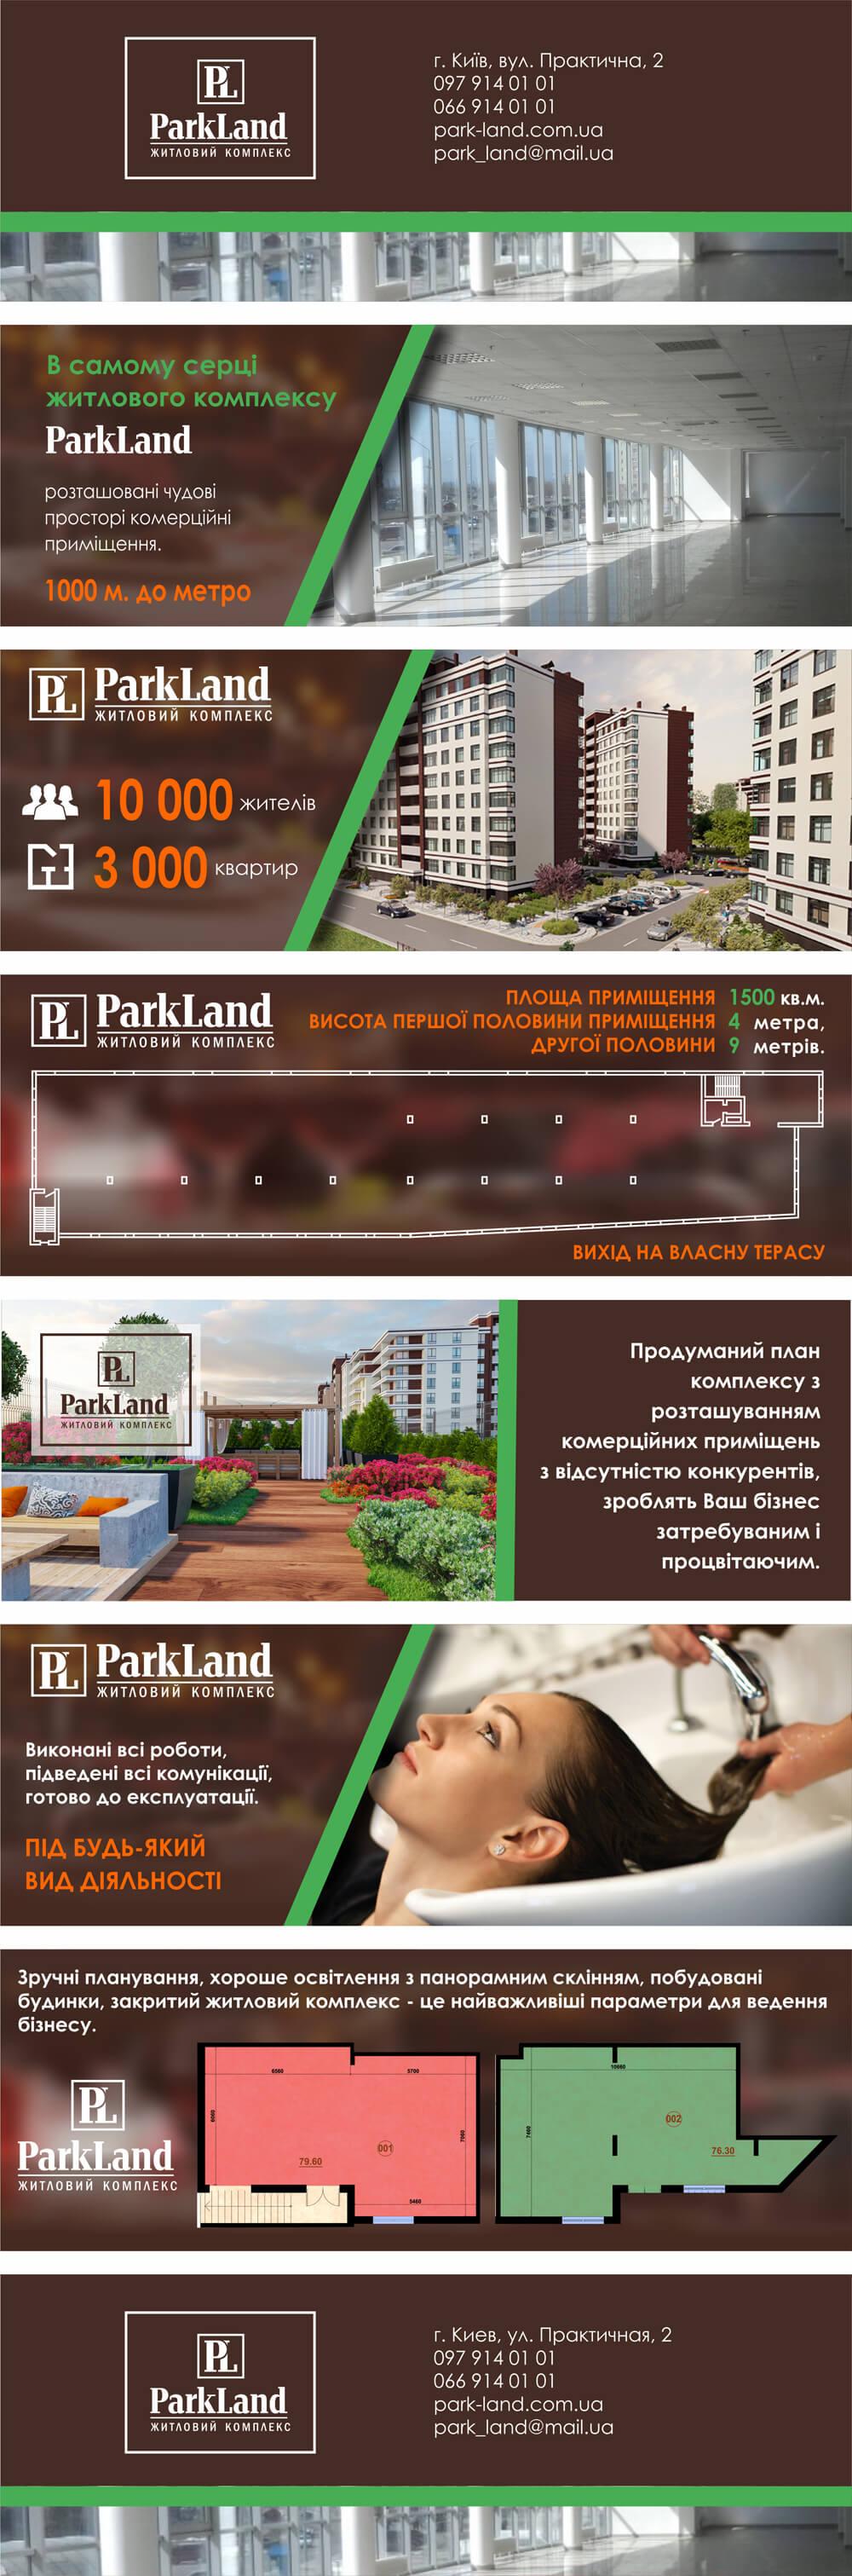 Унікальна пропозиція про покупку Торгових приміщень від ЖК Parkland